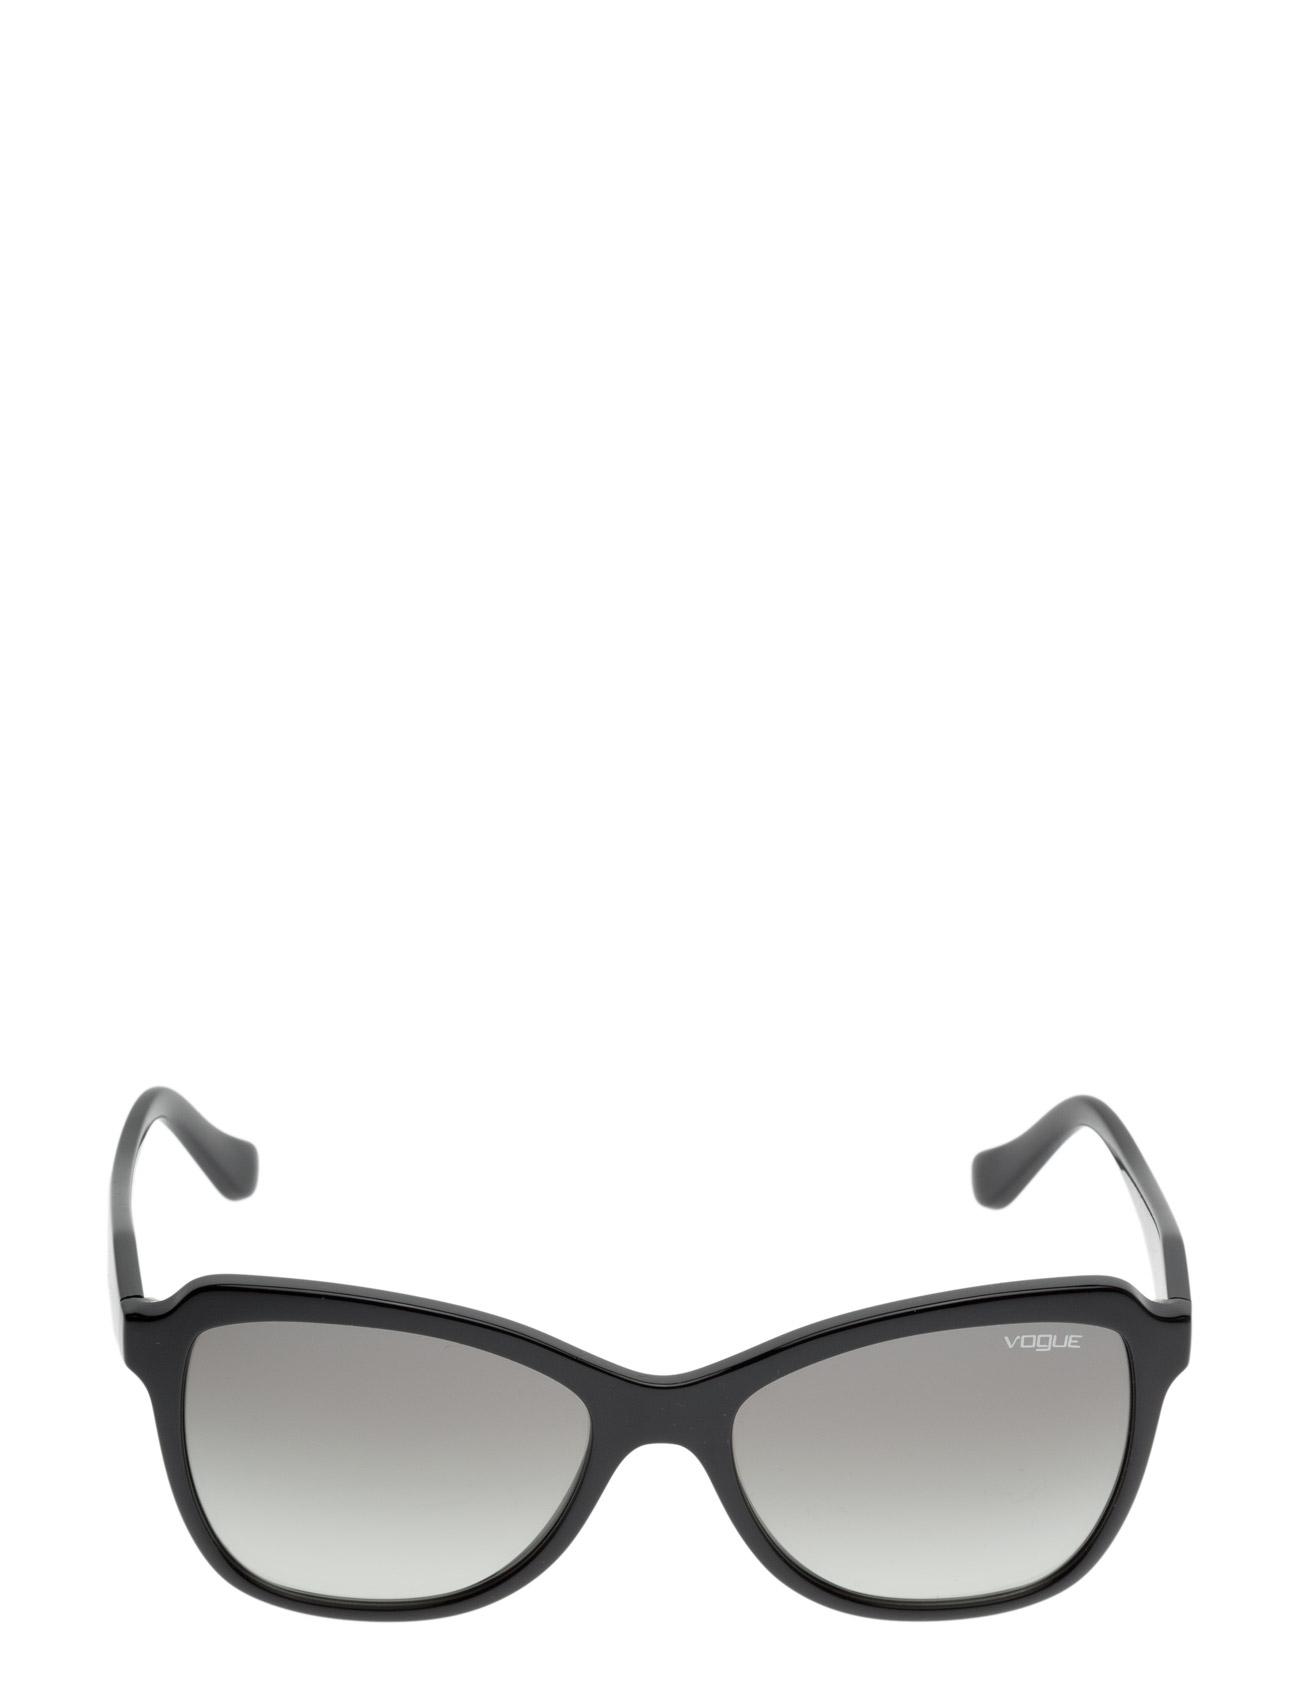 In Vogue | Follow The Trend Entry Vogue Eyewear Solbriller til Damer i Sort